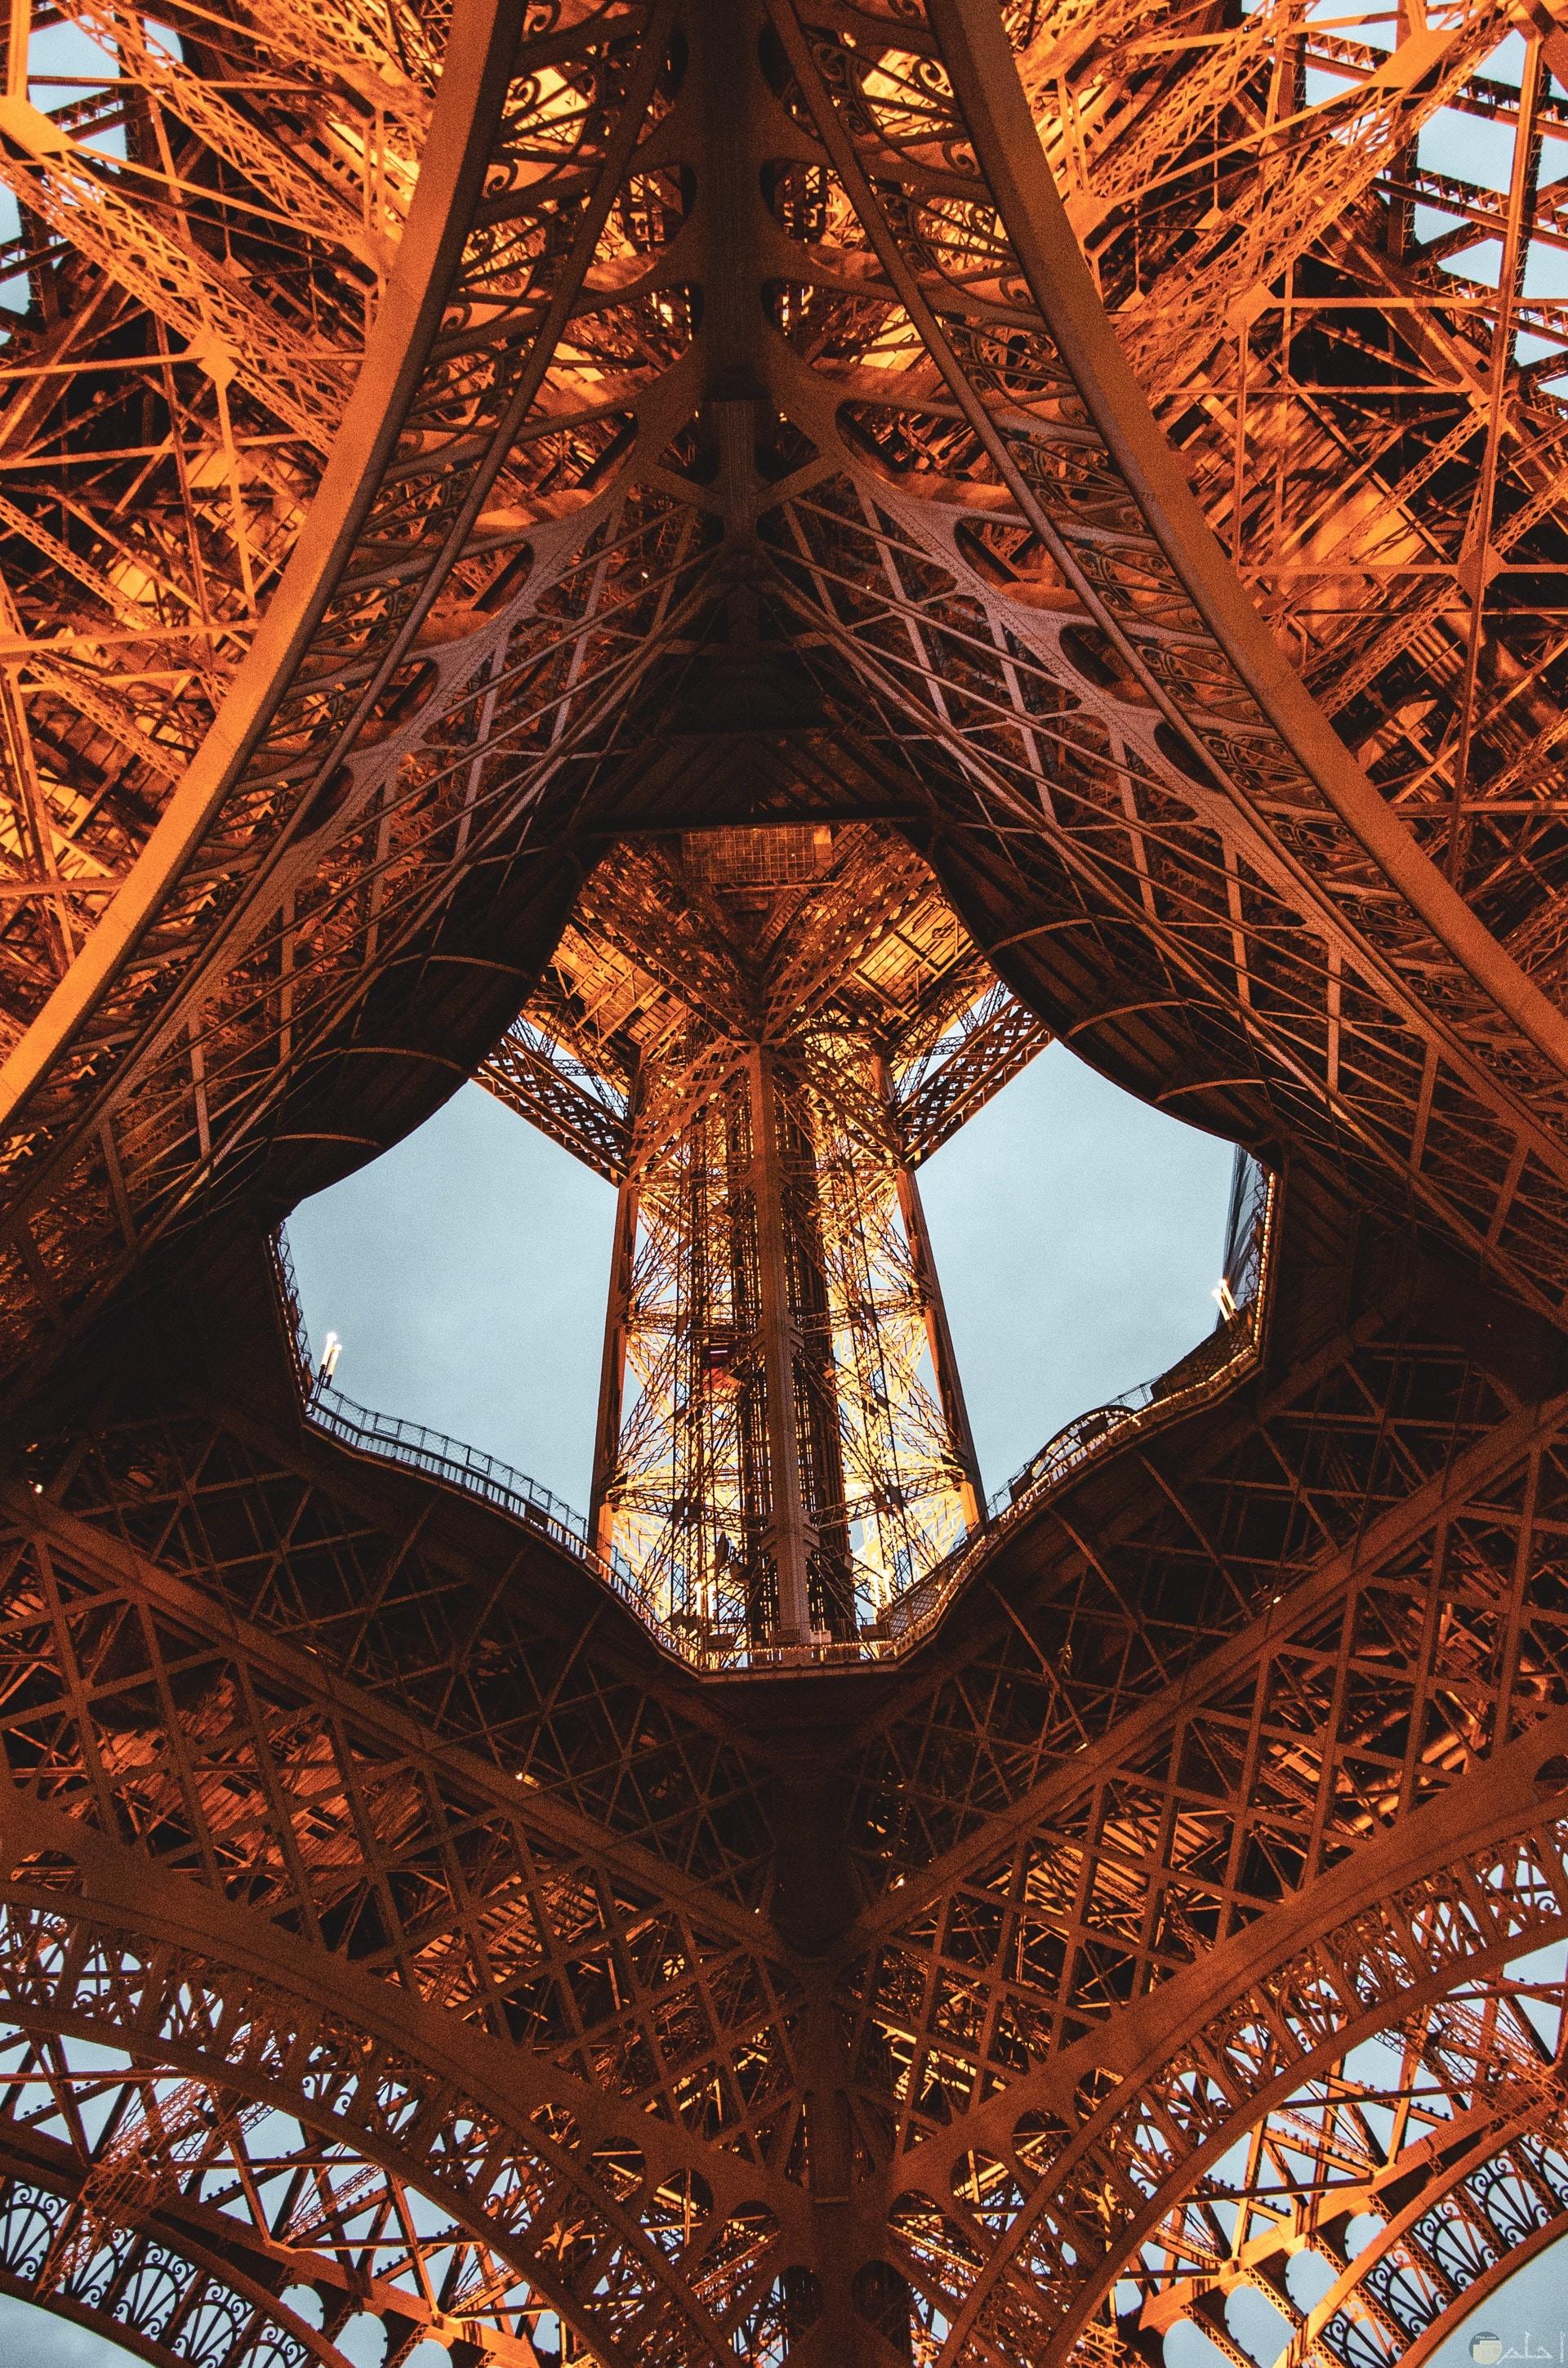 صورة غريبة جدا لبرج حديدي وفي وسطه فتحة تؤدي للأعلي